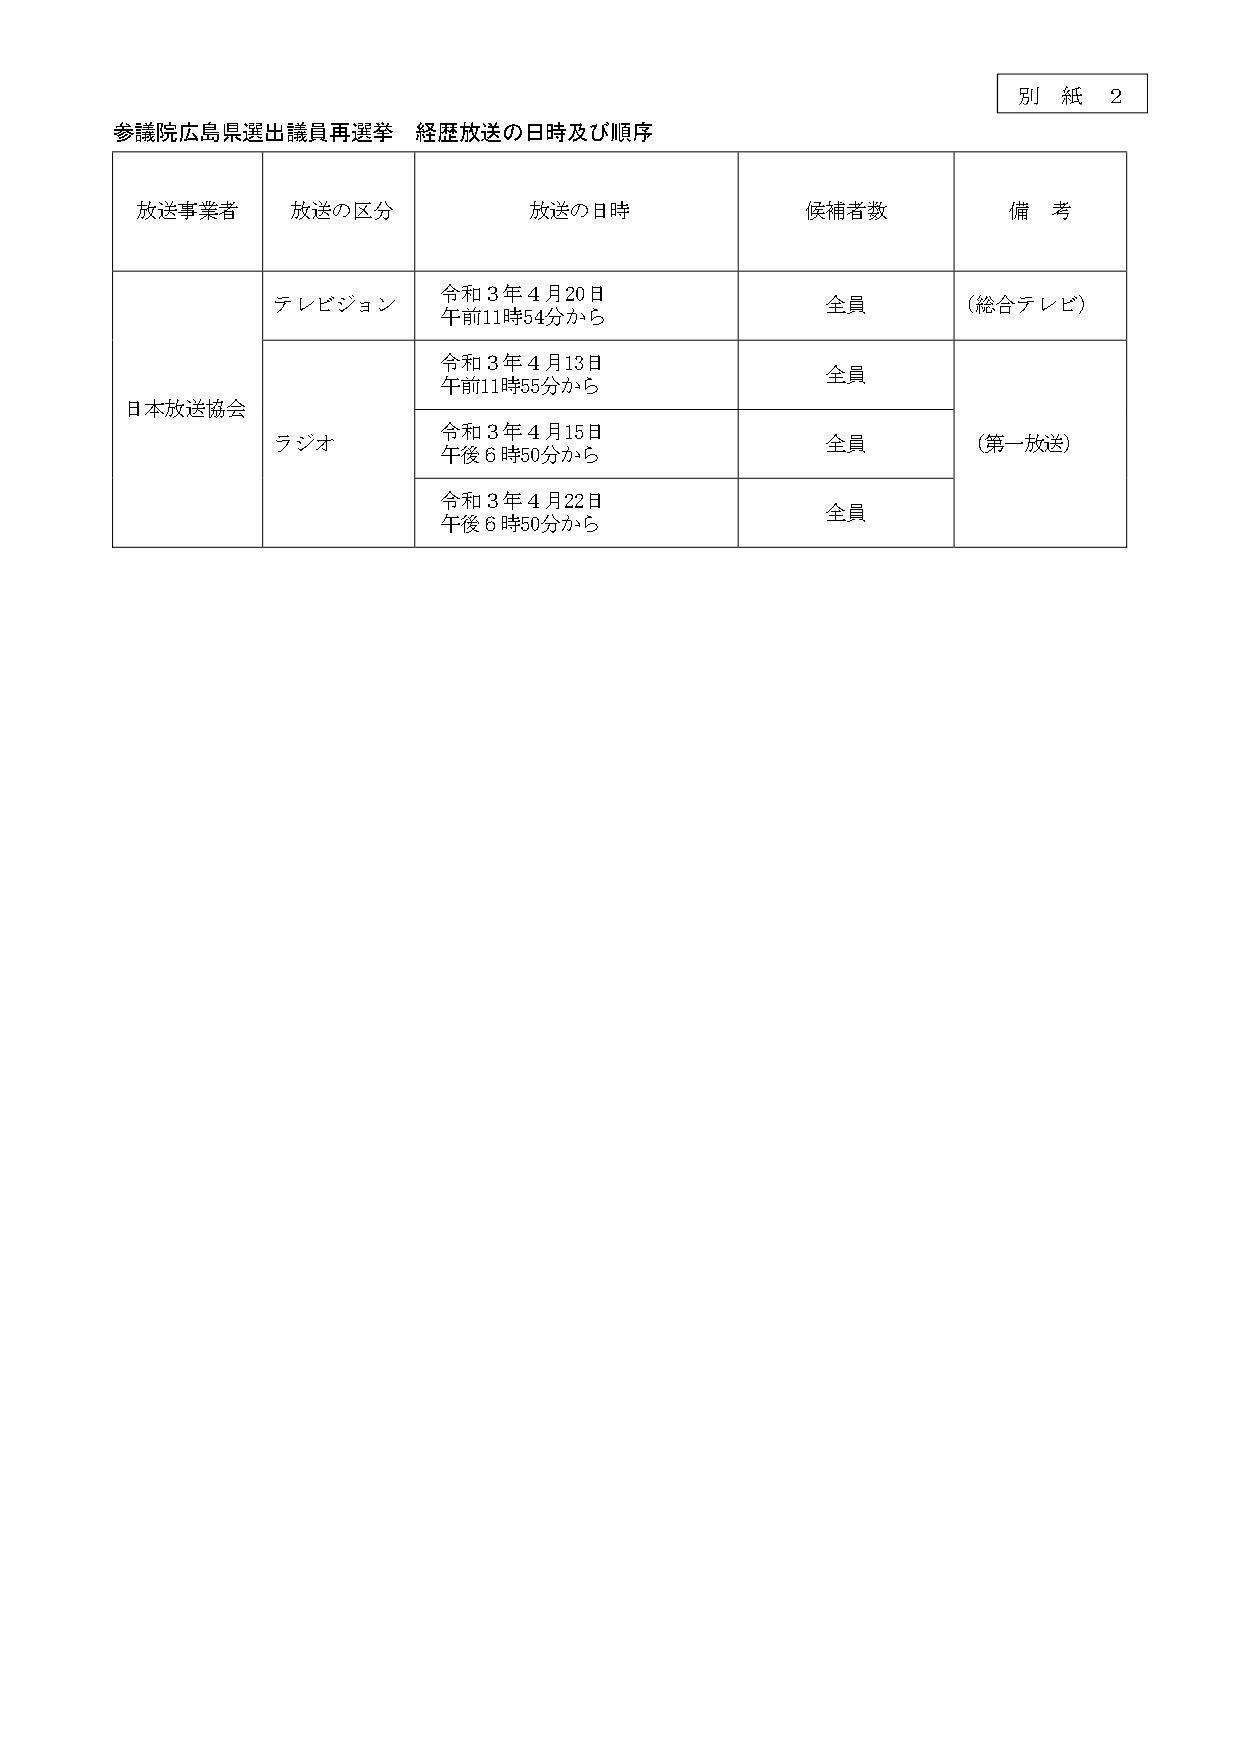 政見放送・経歴放送のお知らせ_e0094315_05564630.jpg